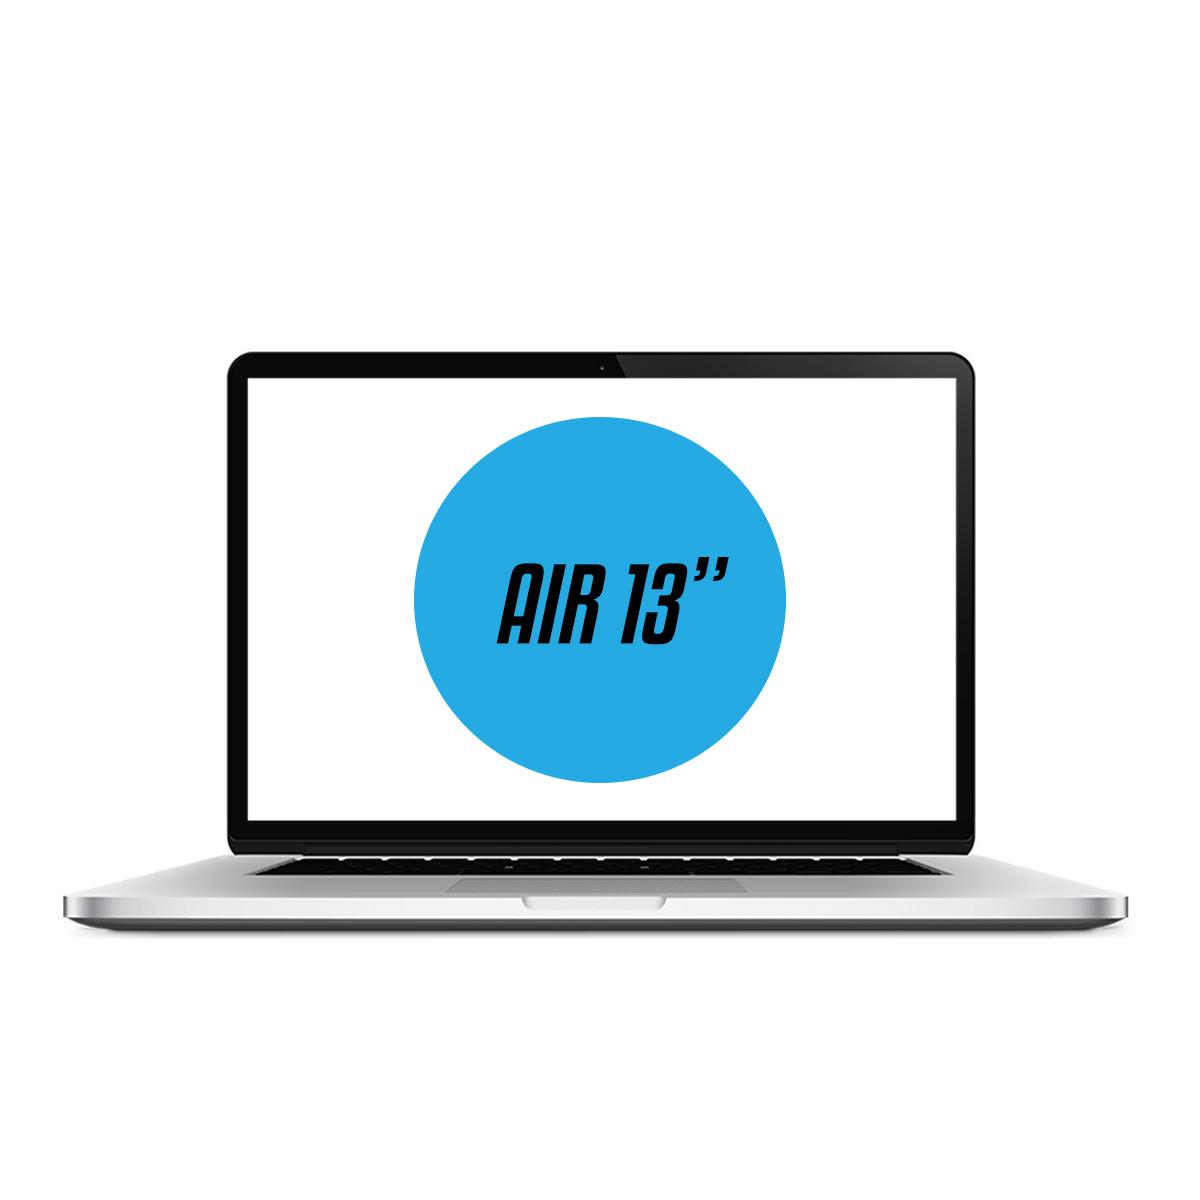 Oprava MacBook Air 13'' v Praze na počkání